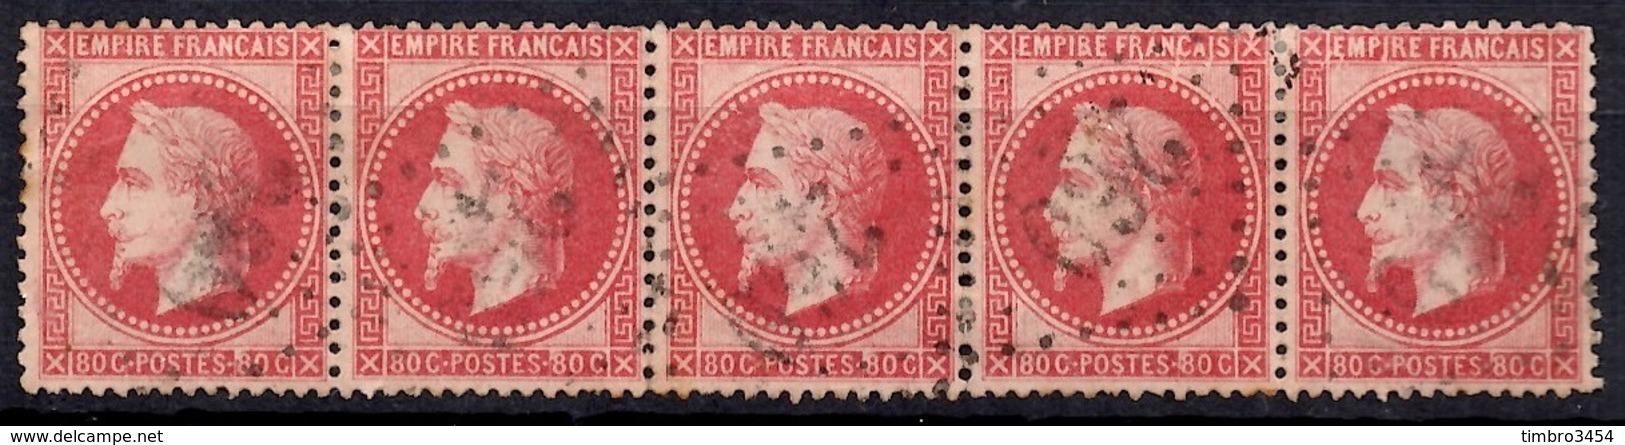 France YT N° 32 En Bande De Cinq Timbres Oblitérés. B/TB. A Saisir! - 1863-1870 Napoleon III With Laurels